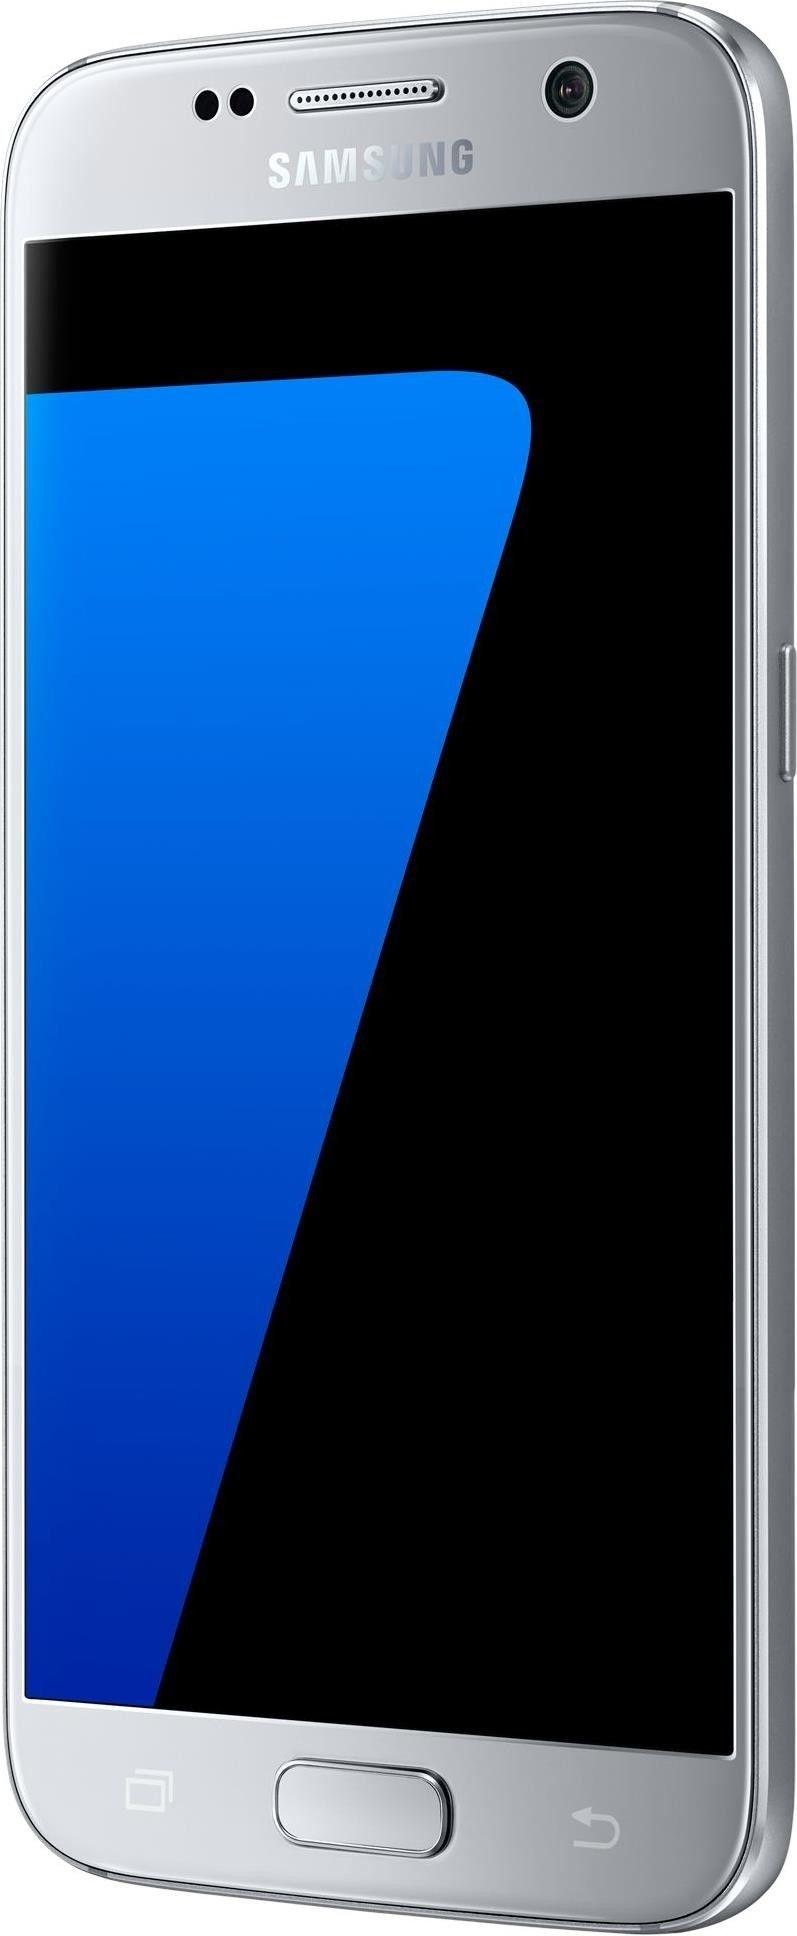 Мобильный телефон Samsung Galaxy S7 Duos G930 (SM-G930FZSUSEK) Silver - 4